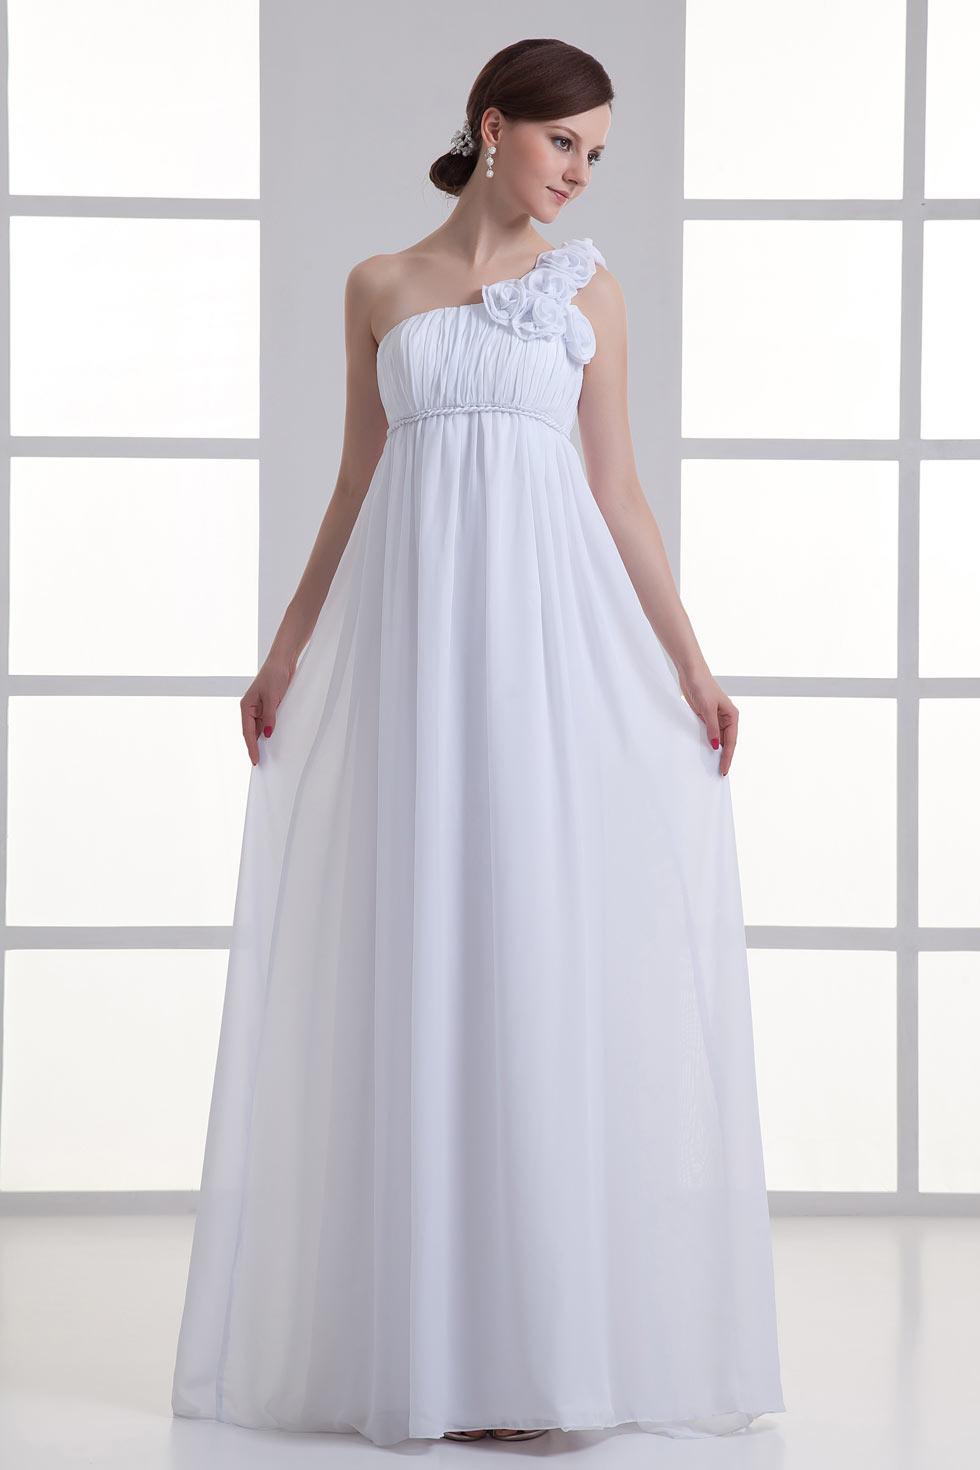 ROBE DE MARIAGE : Persun.fr vend des robes de mariée!